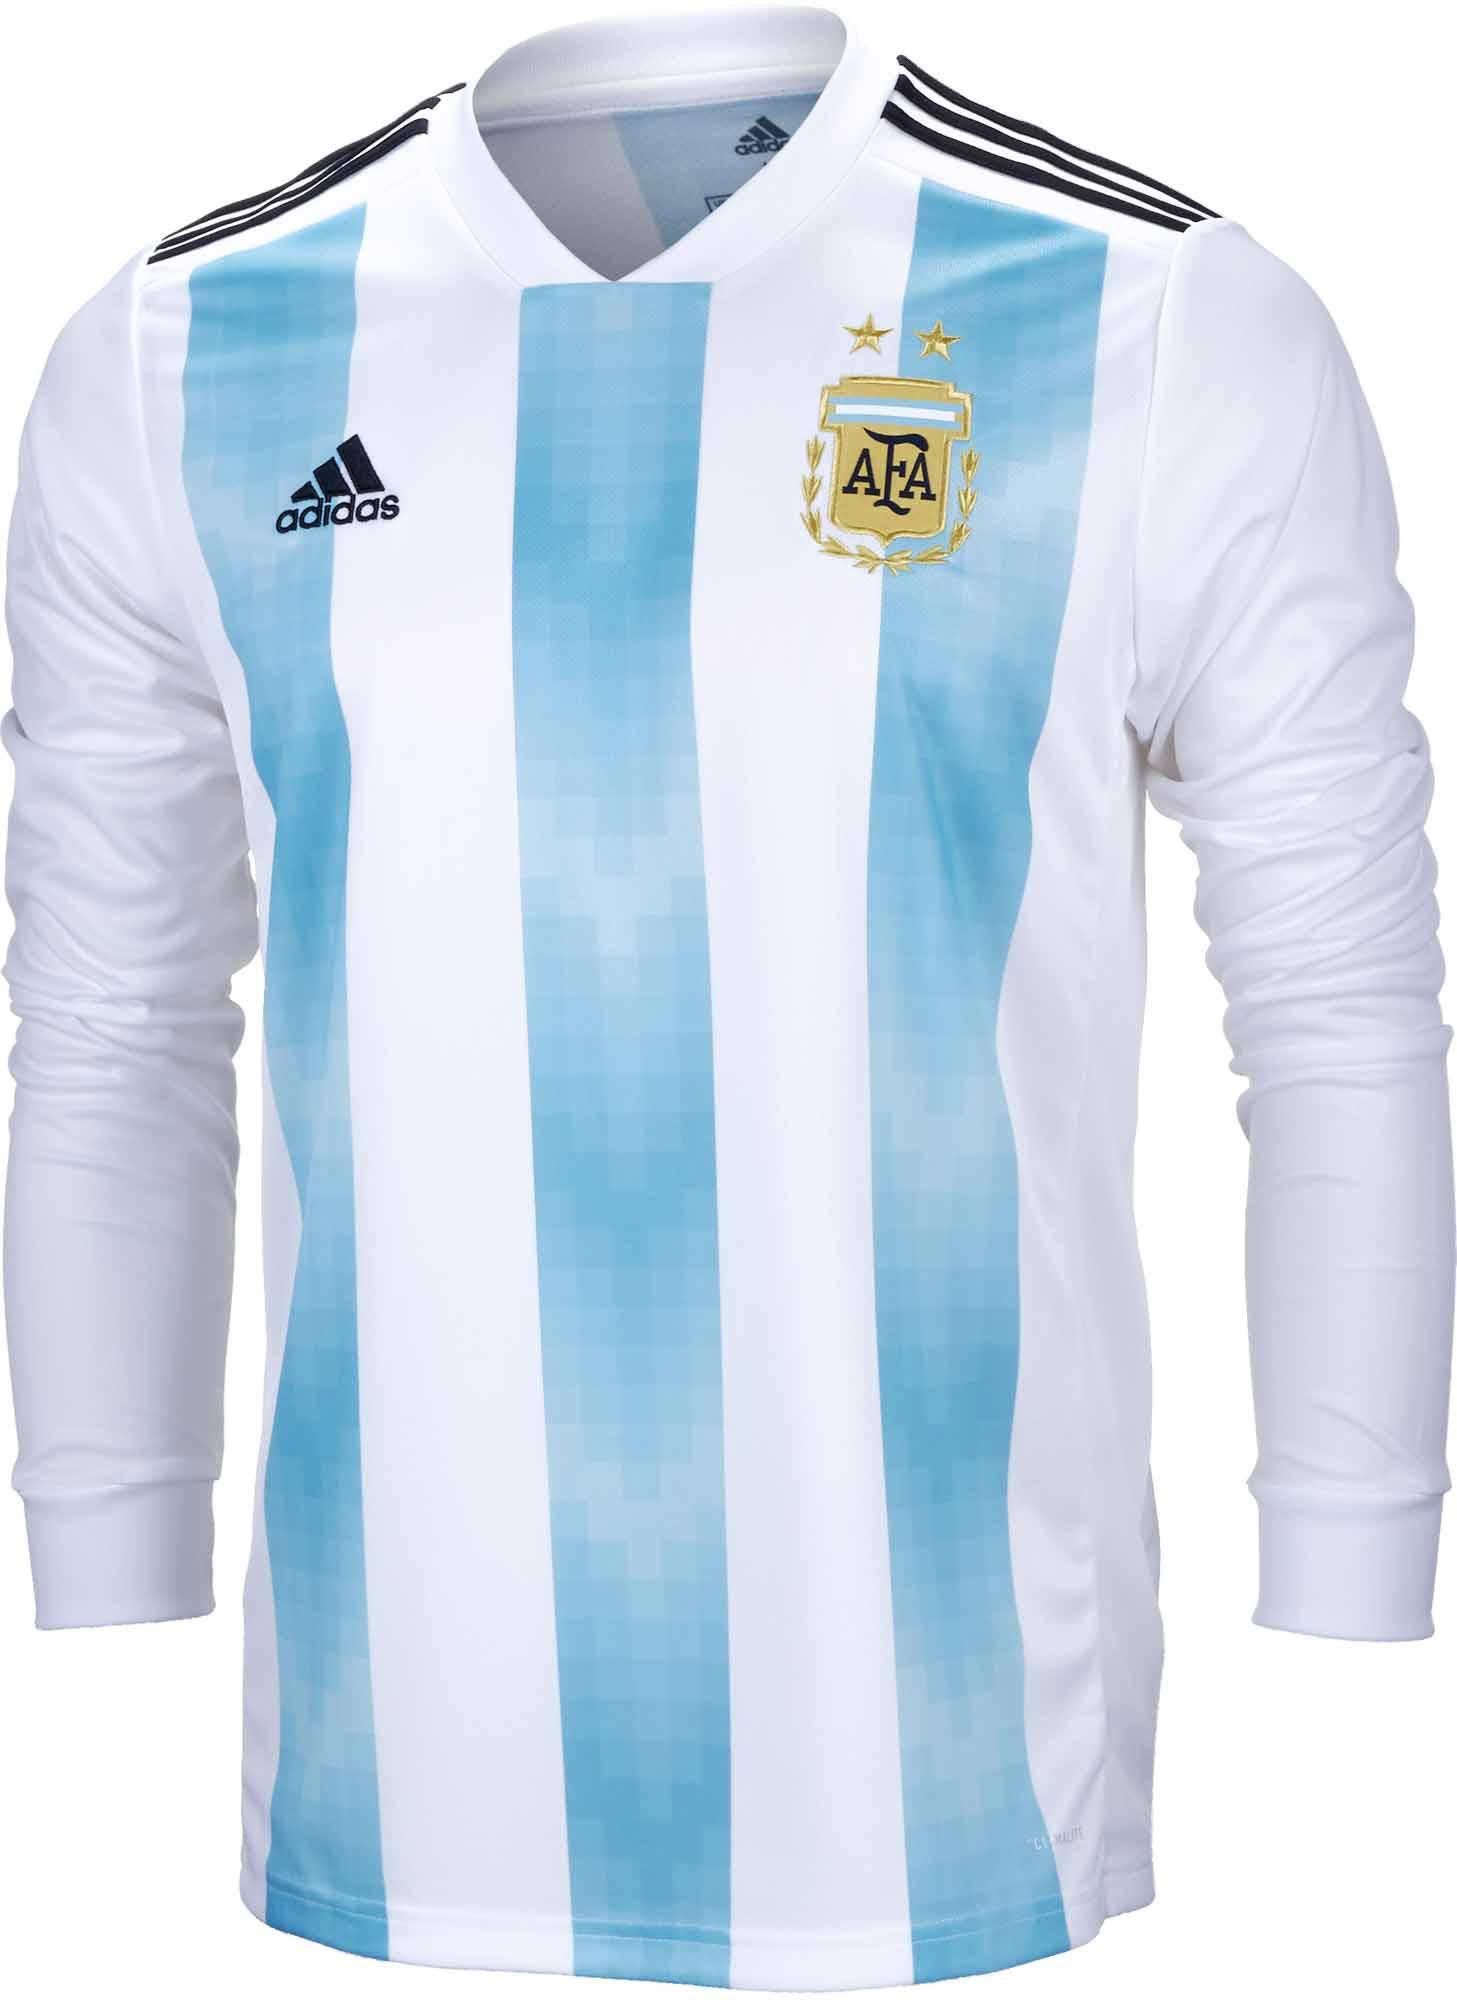 4a38b51a3 adidas Argentina L S Home Jersey 2018-19- SoccerPro.com